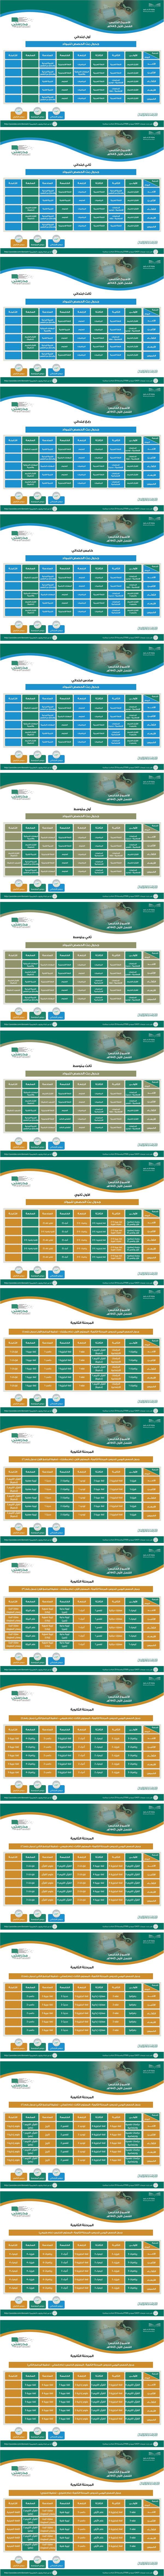 b2207168 0a3c 4a7b a5cc 05183e6017e0 - التعليم تعلن جدول الحصص اليومية للأسبوع الخامس .. التفاصيل هنا !!